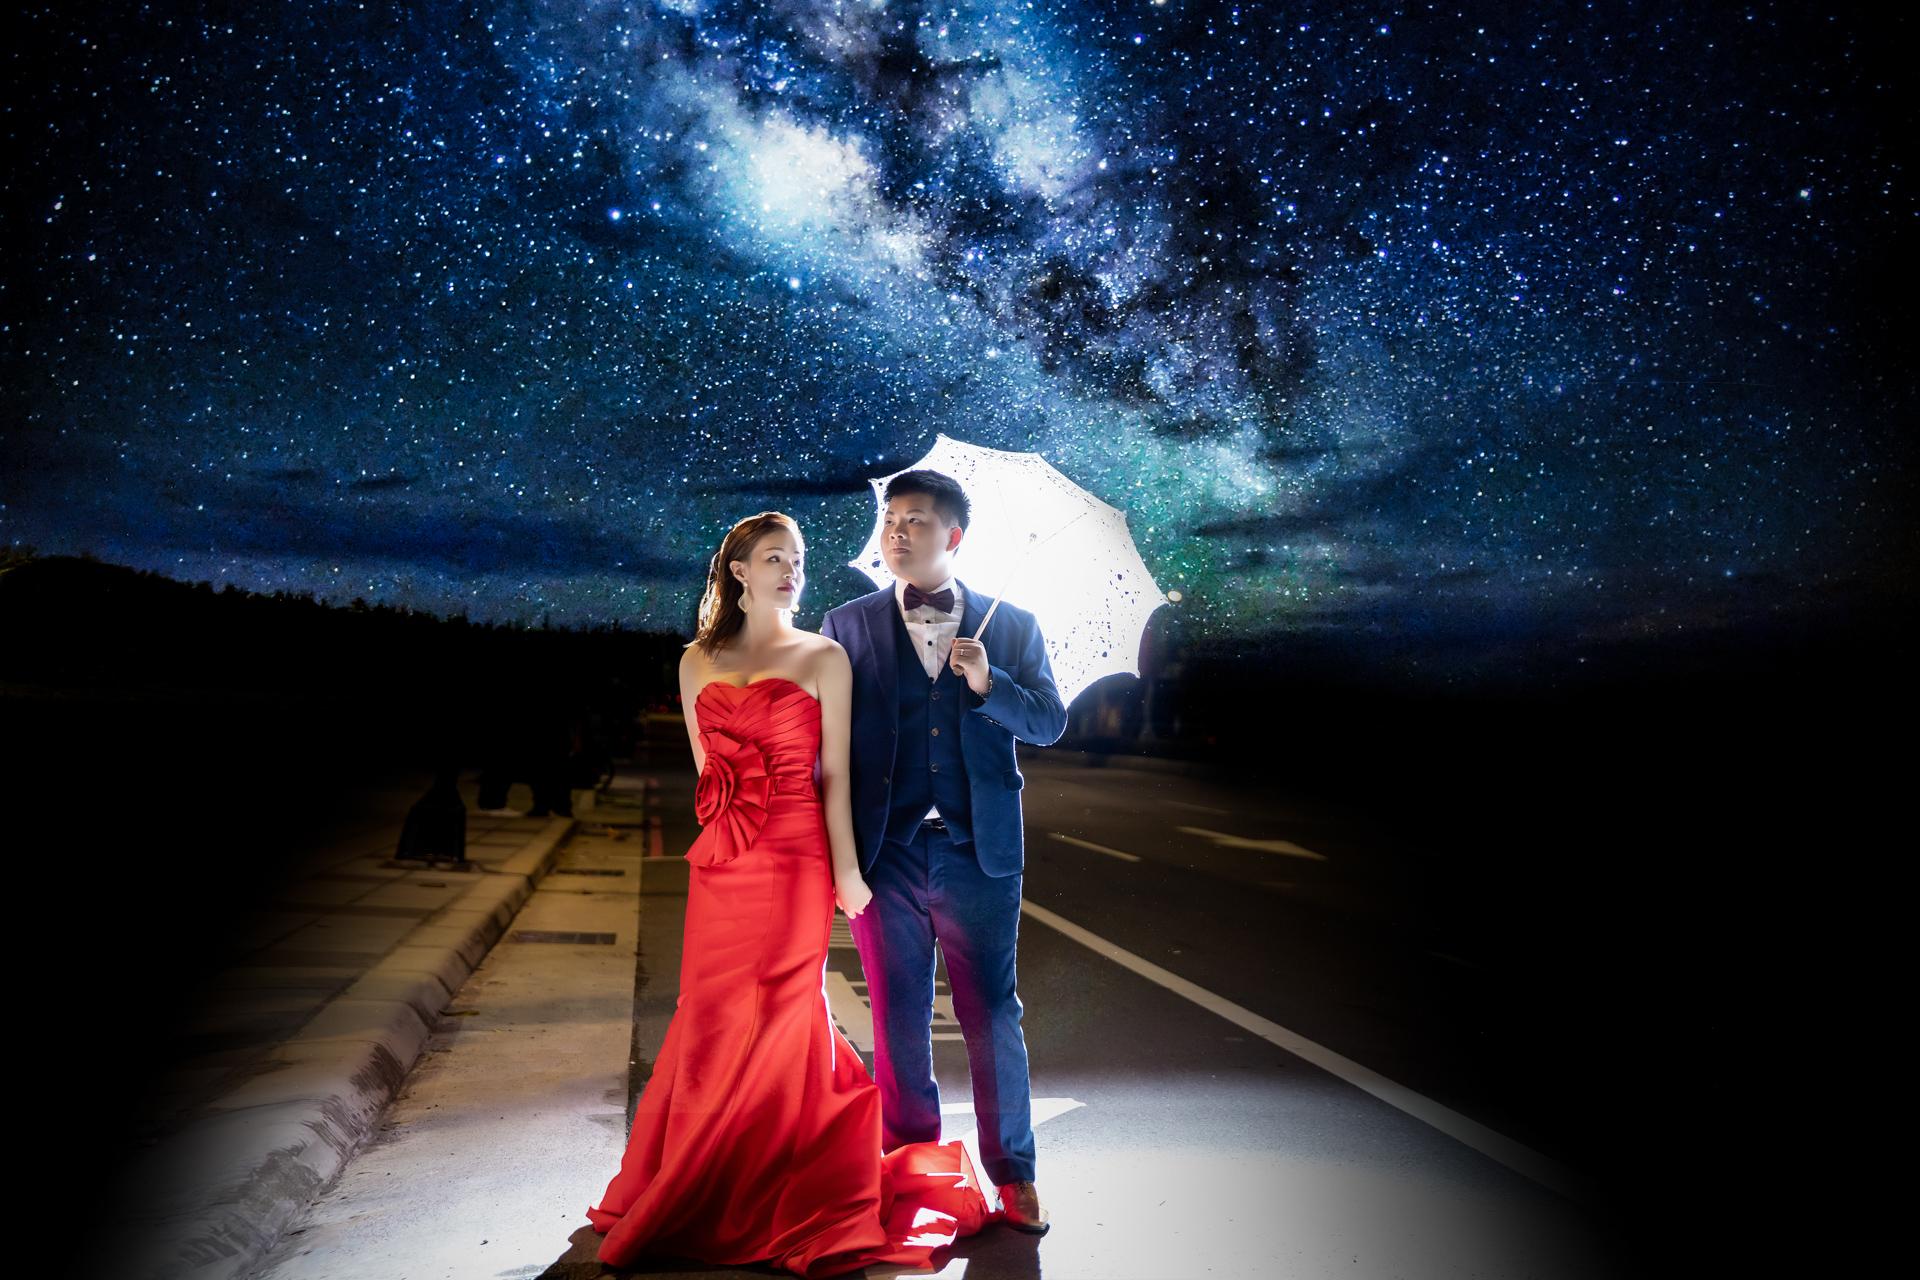 婚禮攝影 [昱志❤佳瑜] 結婚之囍@囍都國際宴會廳